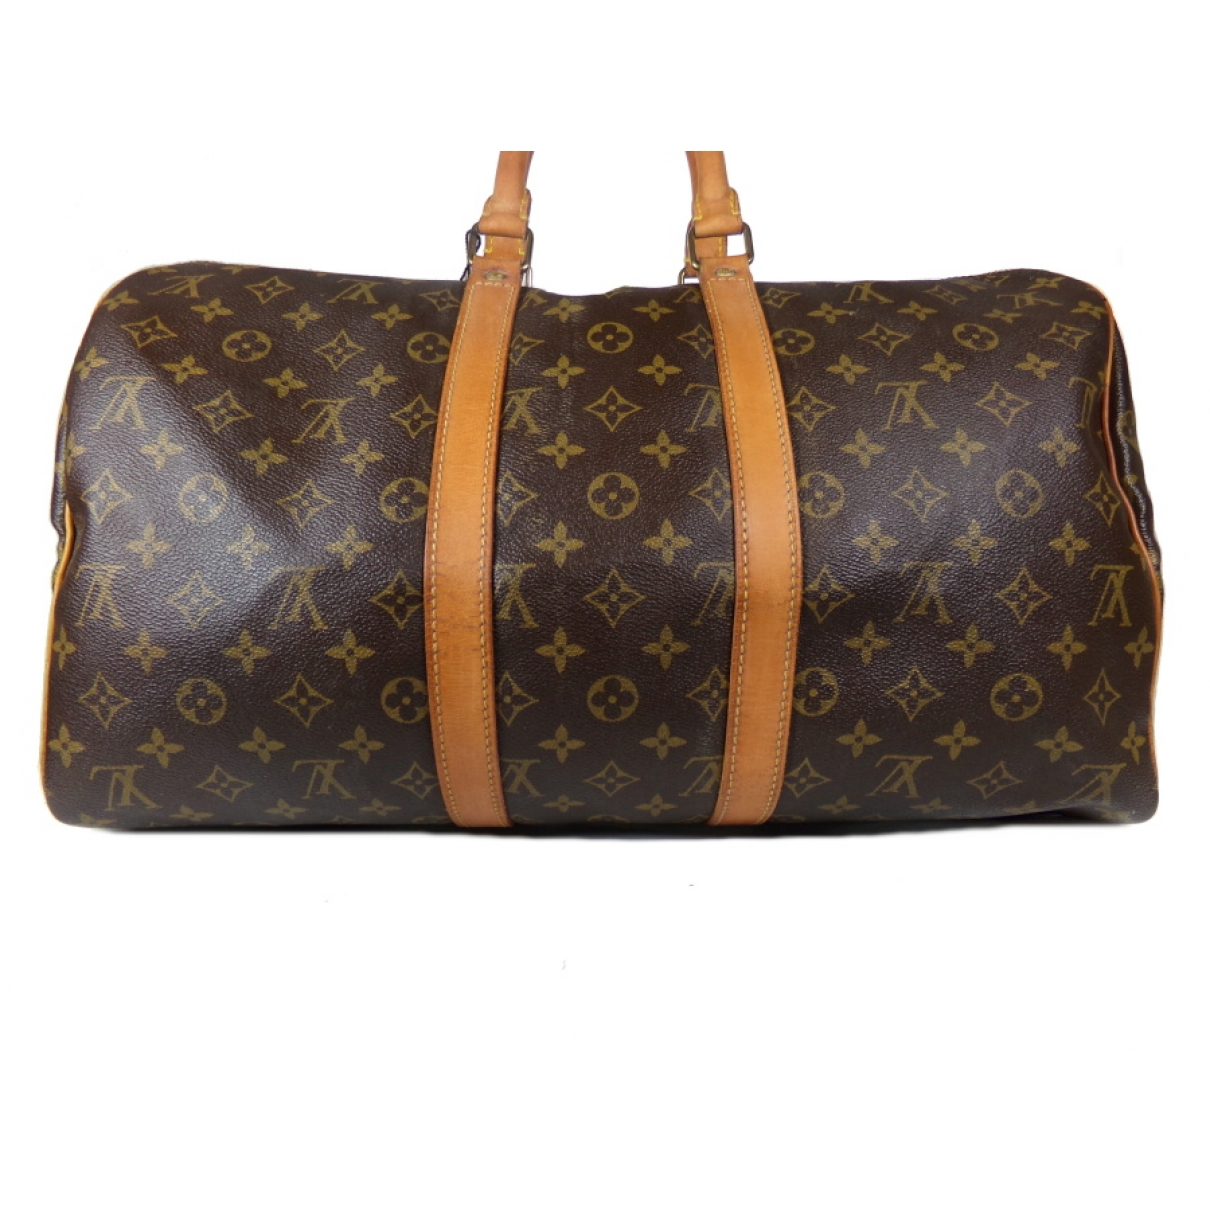 Louis Vuitton Sac souple  Handtasche in  Braun Leinen